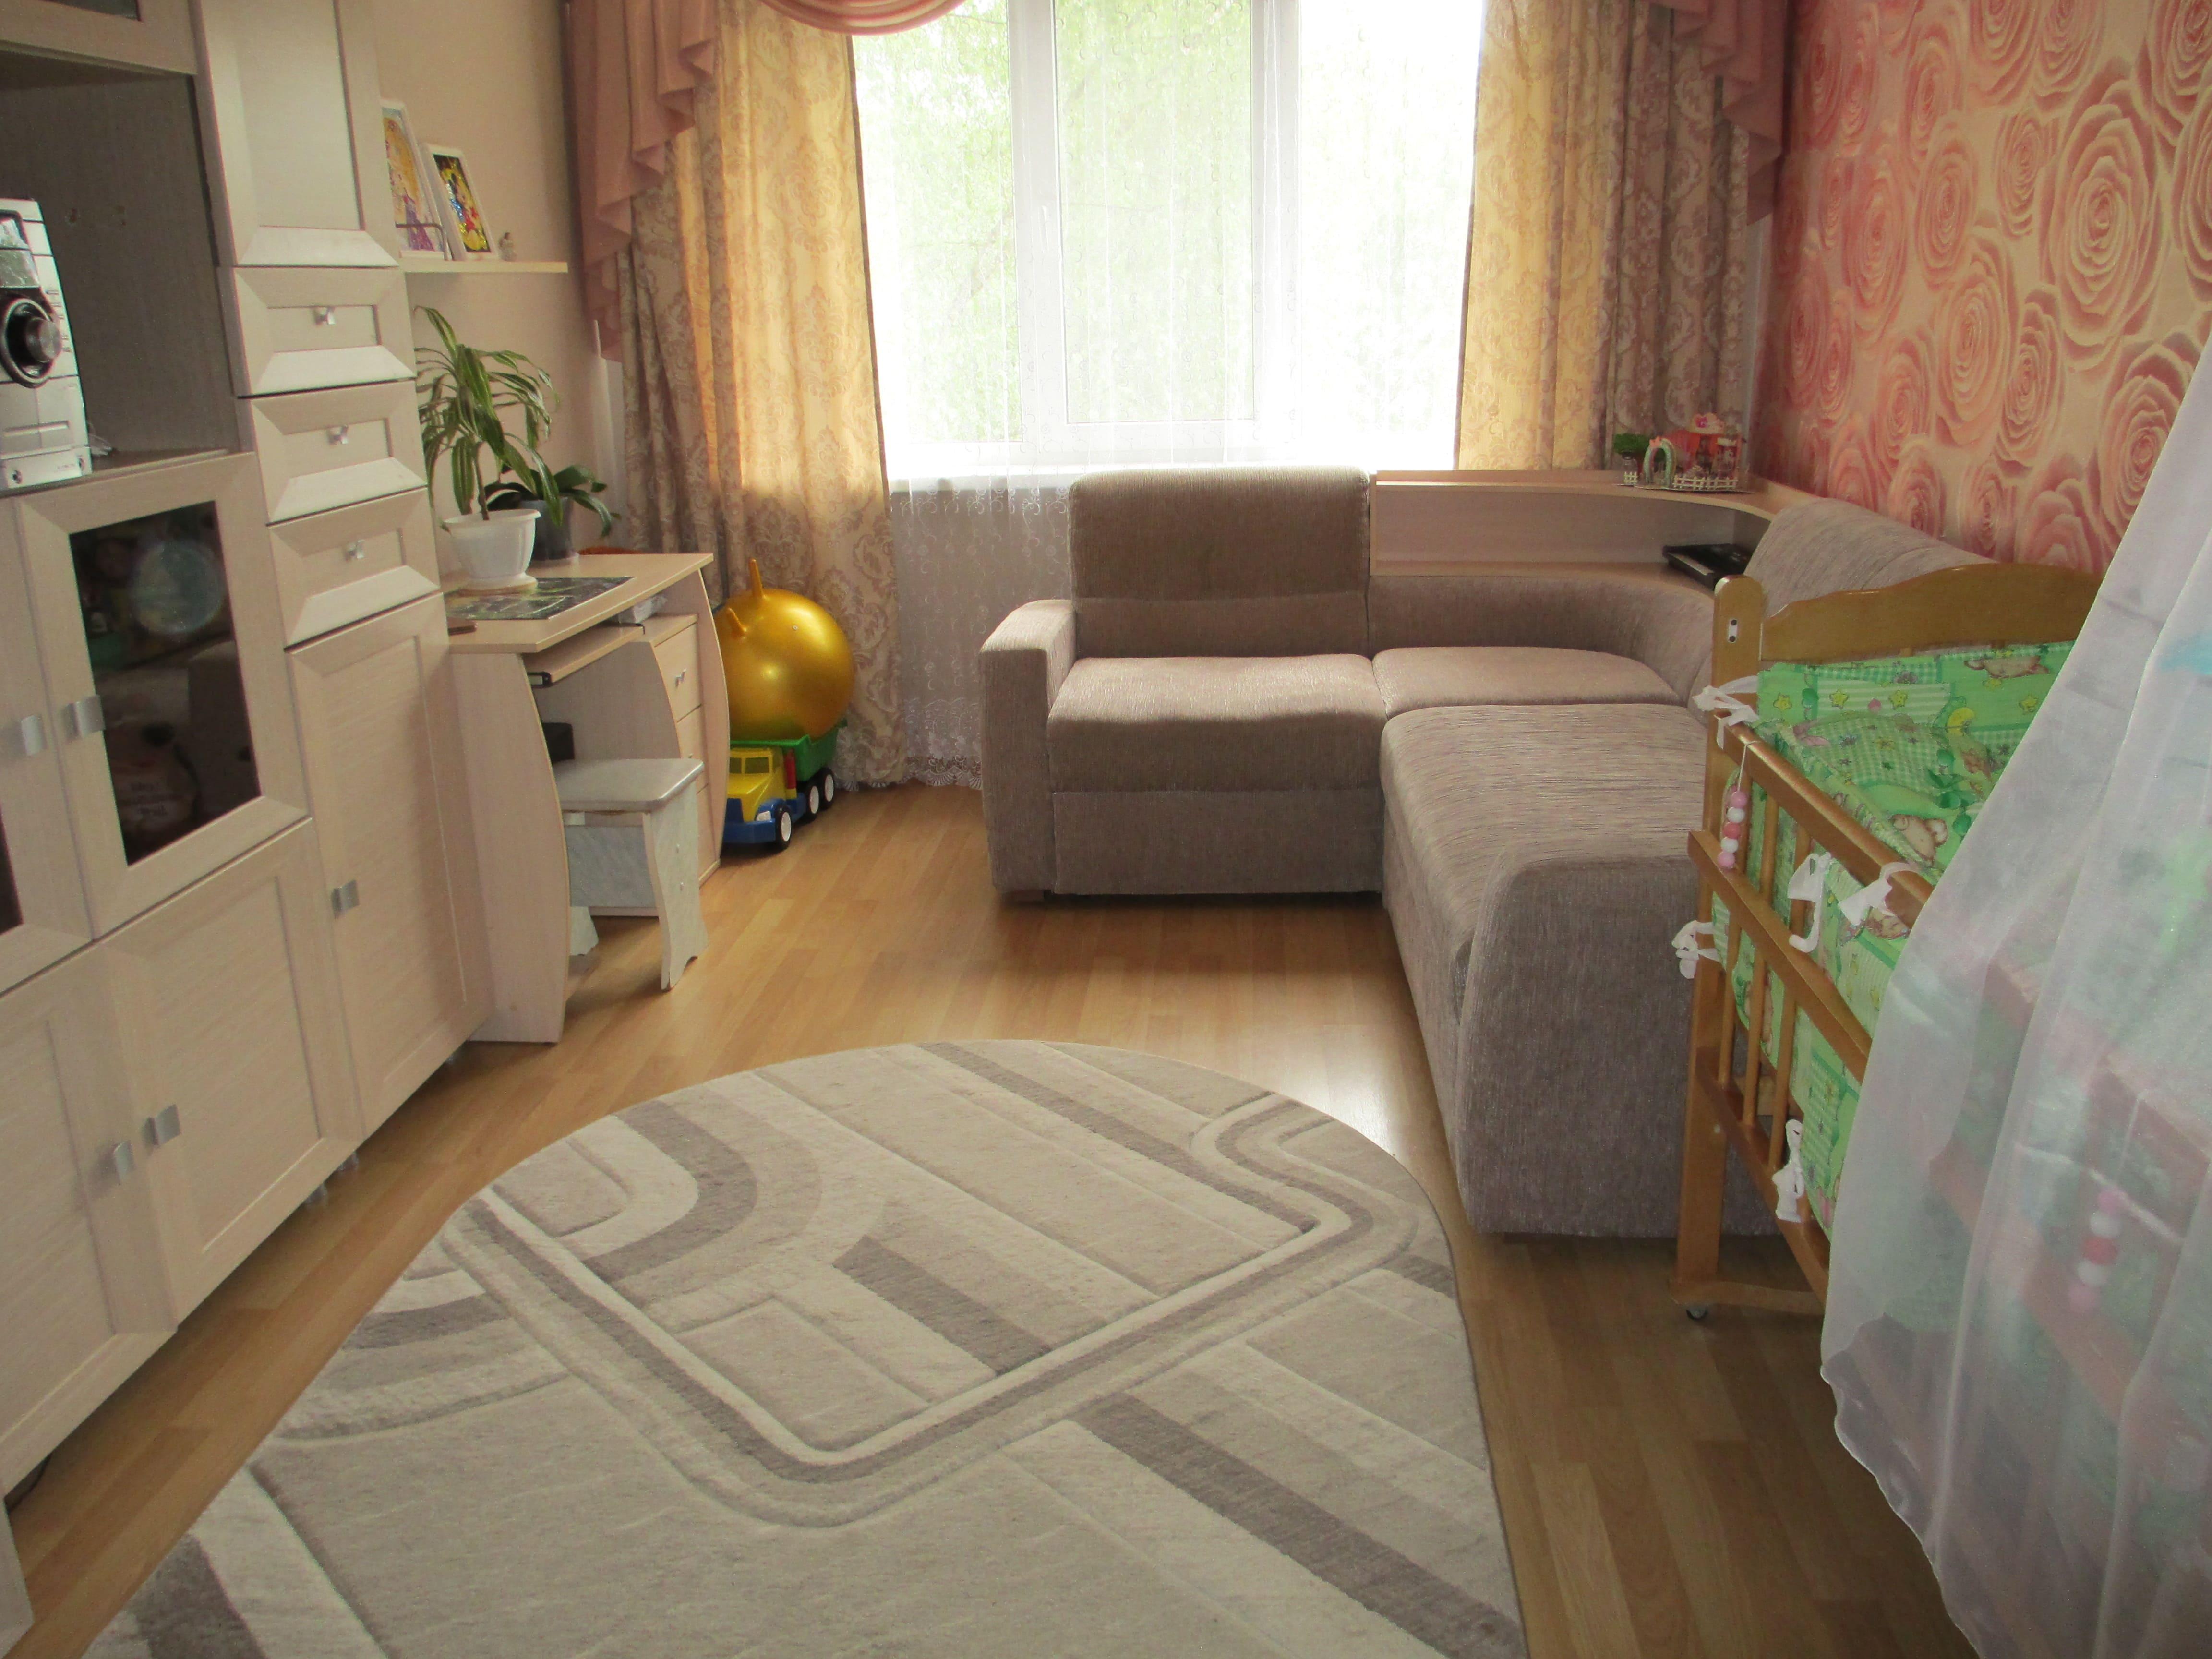 Двухкомнатная квартира - ул. Народная, д. 57